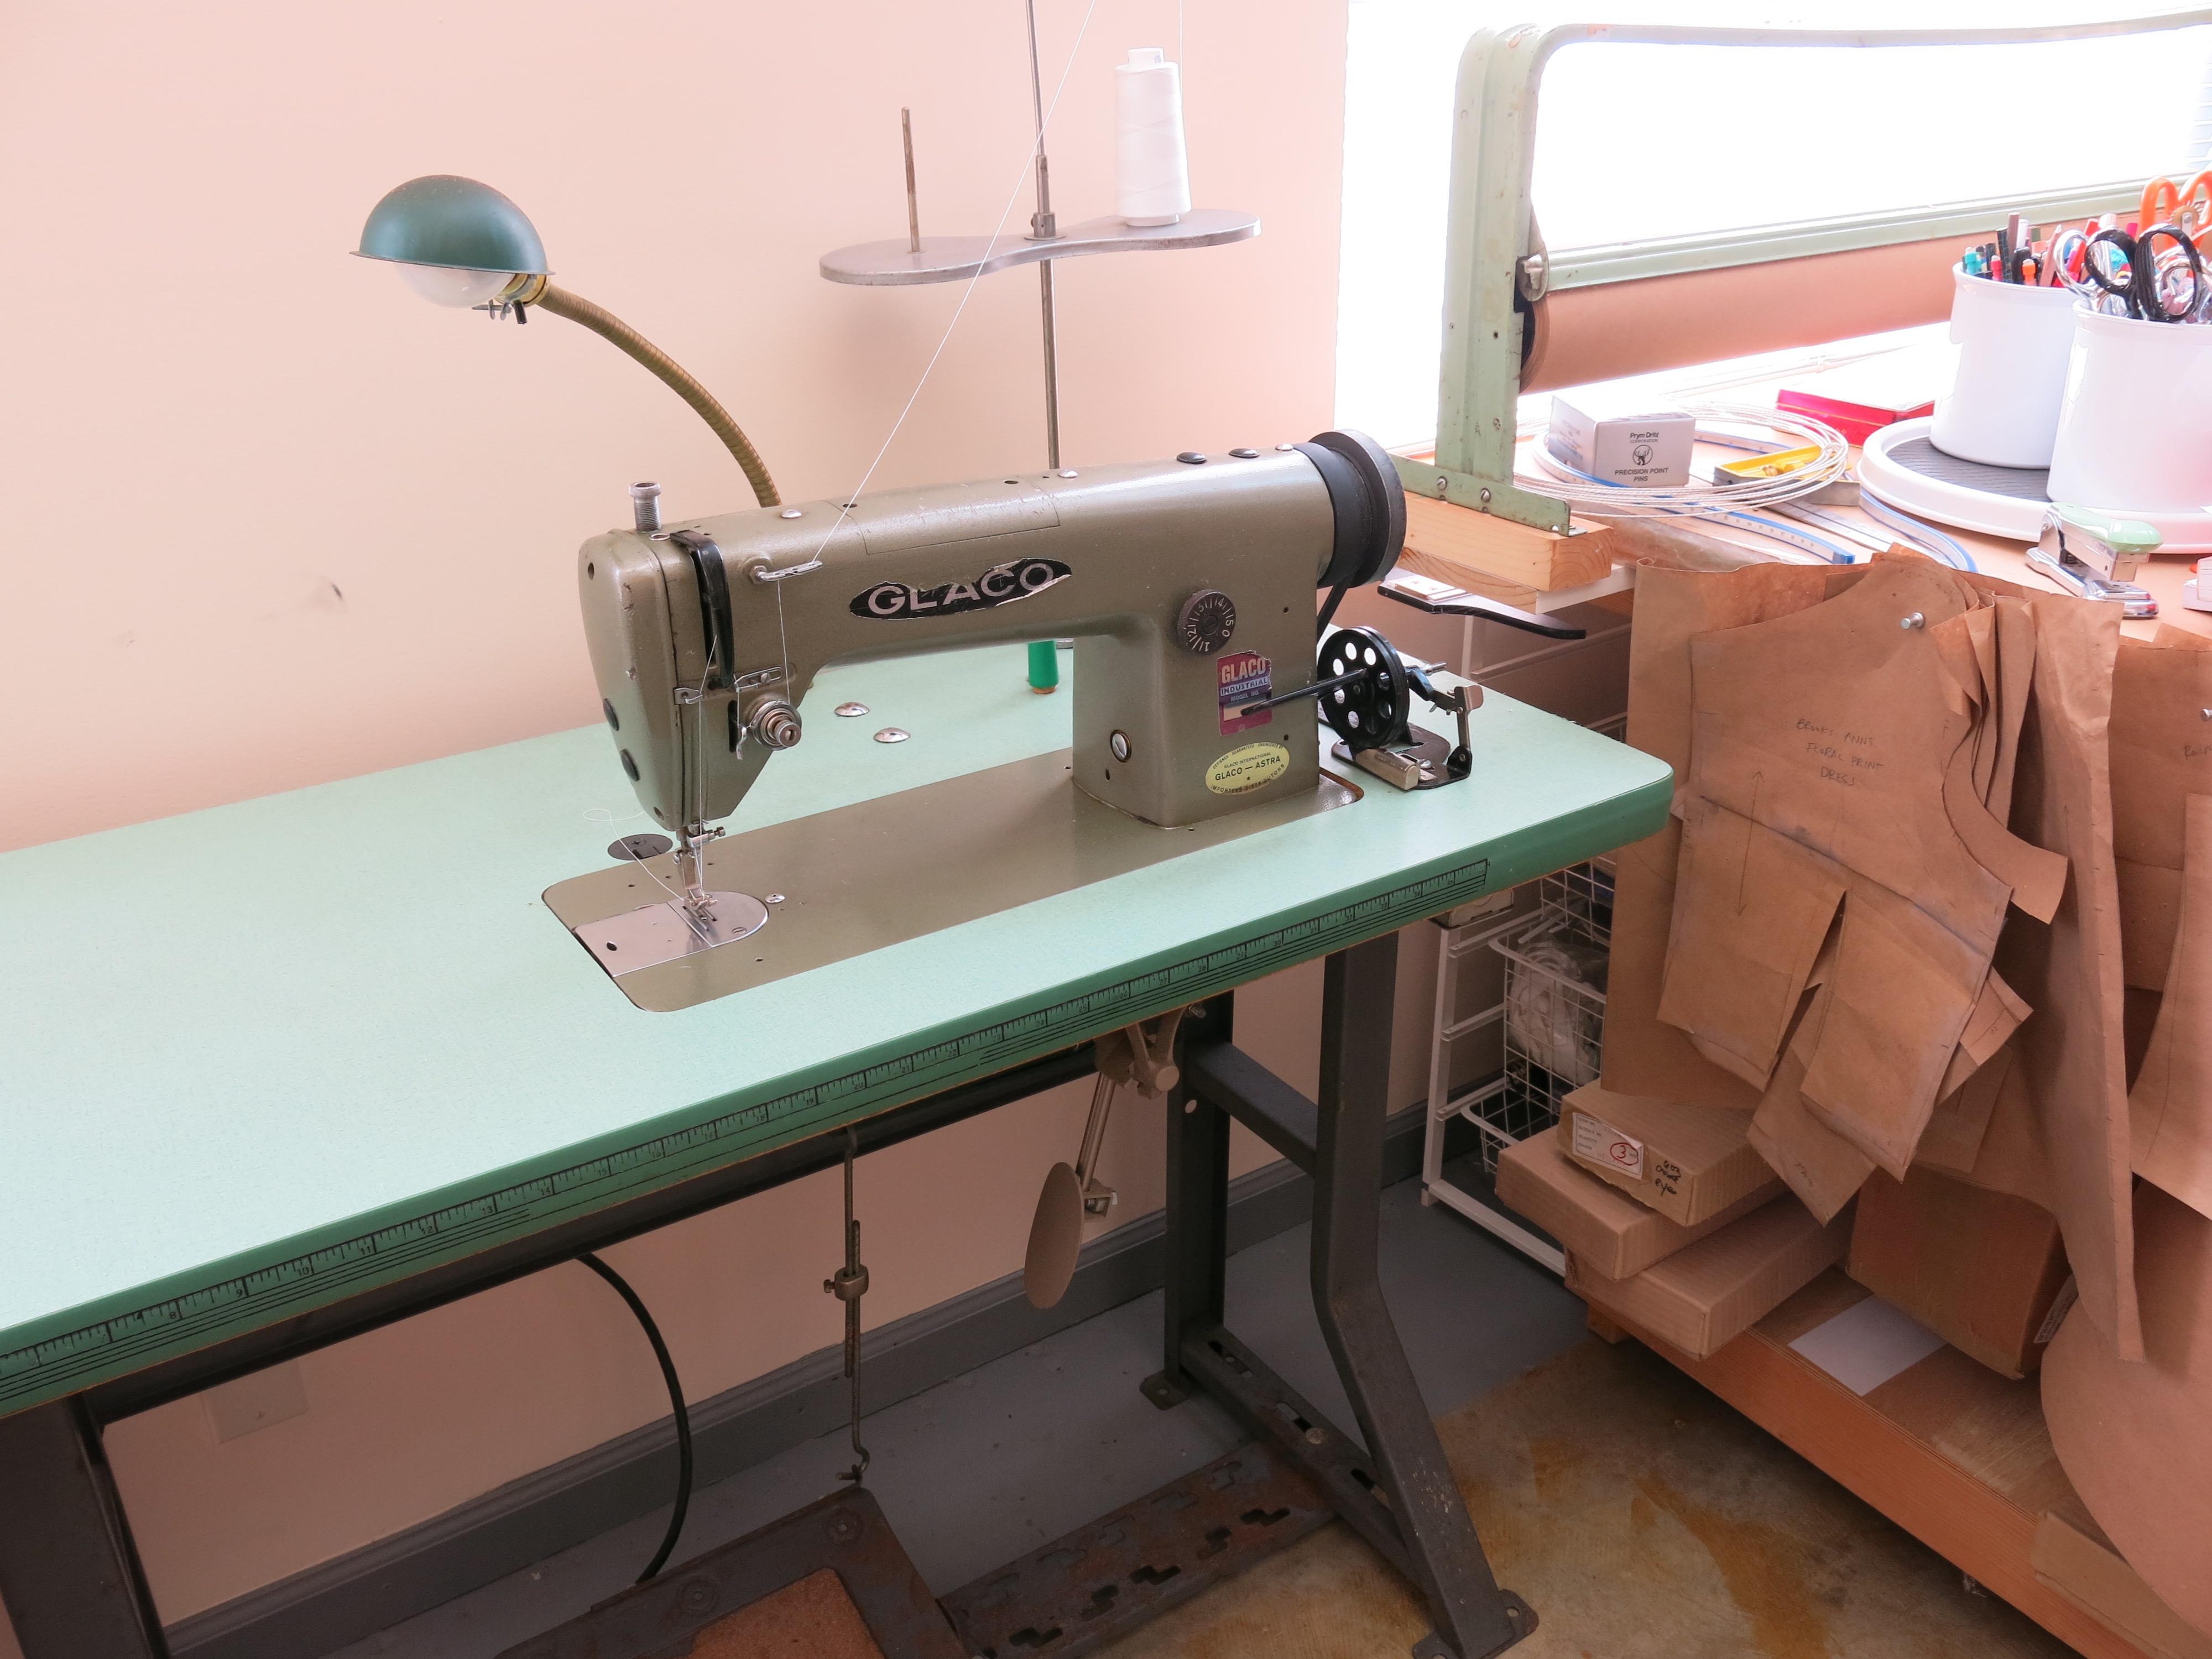 Brooks Ann Camper's industrial sewing machine